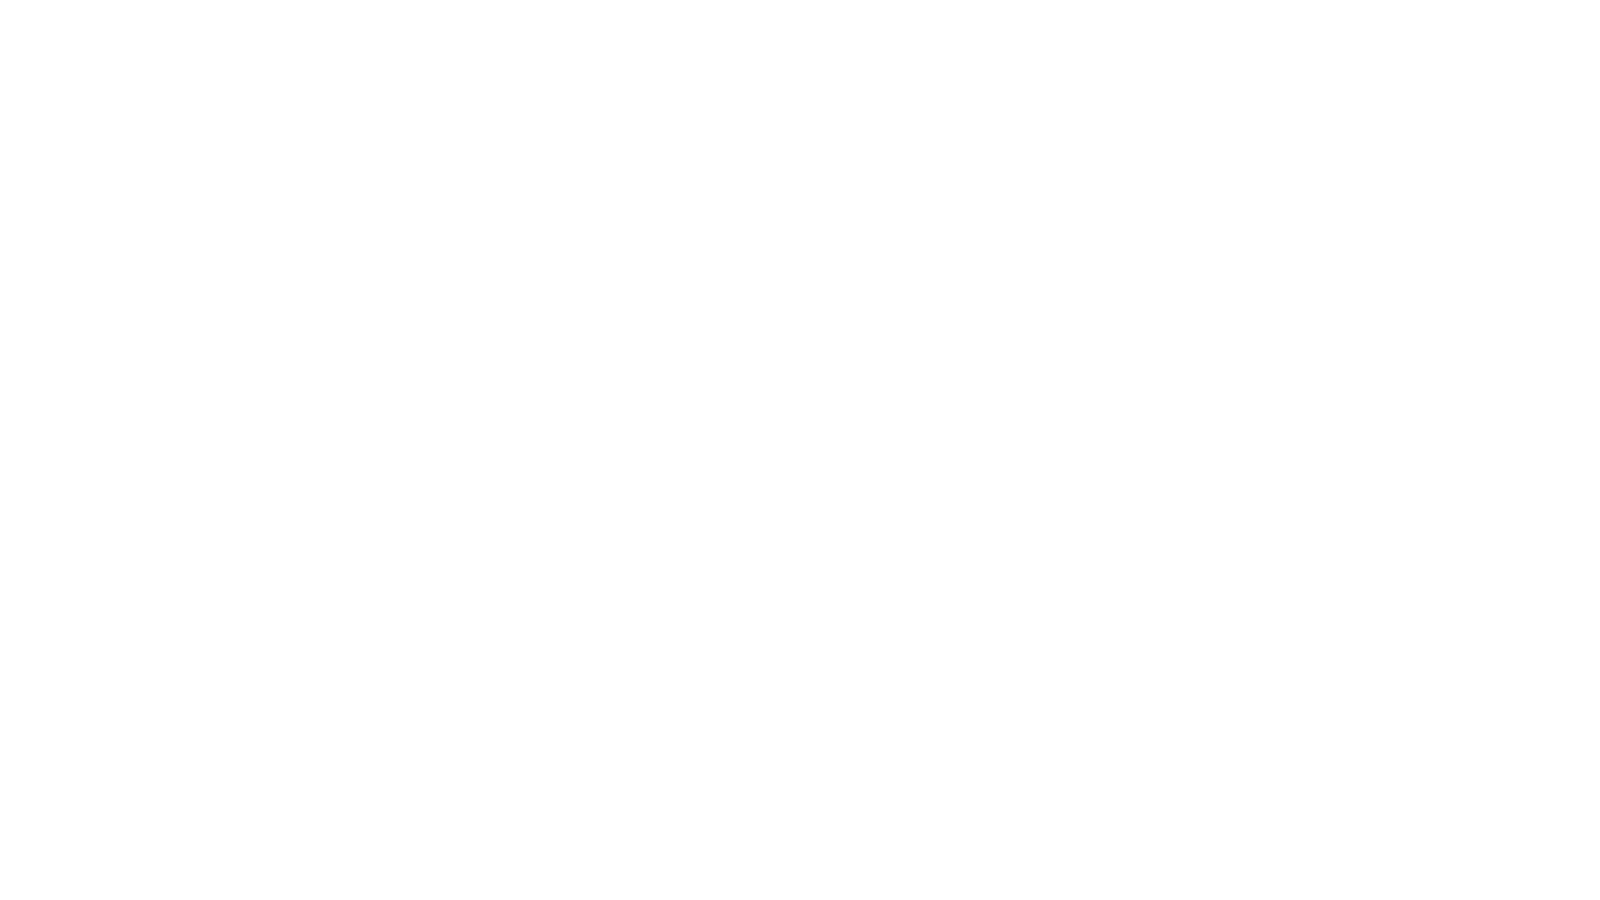 # கர்ப்பகாலத்தில் ஸ்கேன் செய்வதால் கருவில் குழந்தையின் ஆரோகியத்துக்கு ஏதேனும் பாதிப்பு ஏற்படுமா என்ற சந்தேகம் பலருக்கும் இருக்கிறது, இந்த வீடியோவில் அதற்கான தெளிவான விளக்கத்தையும், மேலும்   # கர்ப்பகாலத்தில் கர்ப்பிணிப்பெண்கள் எப்போதெல்லாம் ஸ்கேன் செய்து கொள்ள வேண்டியிருக்கும் என்ற விபரங்களையும் விளக்குகிறார் டாக்டர் நித்யா.  Dr.P.Nithya M.S (O&G) Fetal Medicine Specialist  RMS Fetal Scans  Kovilpatti For Appointments Call: 7339152498 visit us: https://www.RmsAdvancedFetalScans.com